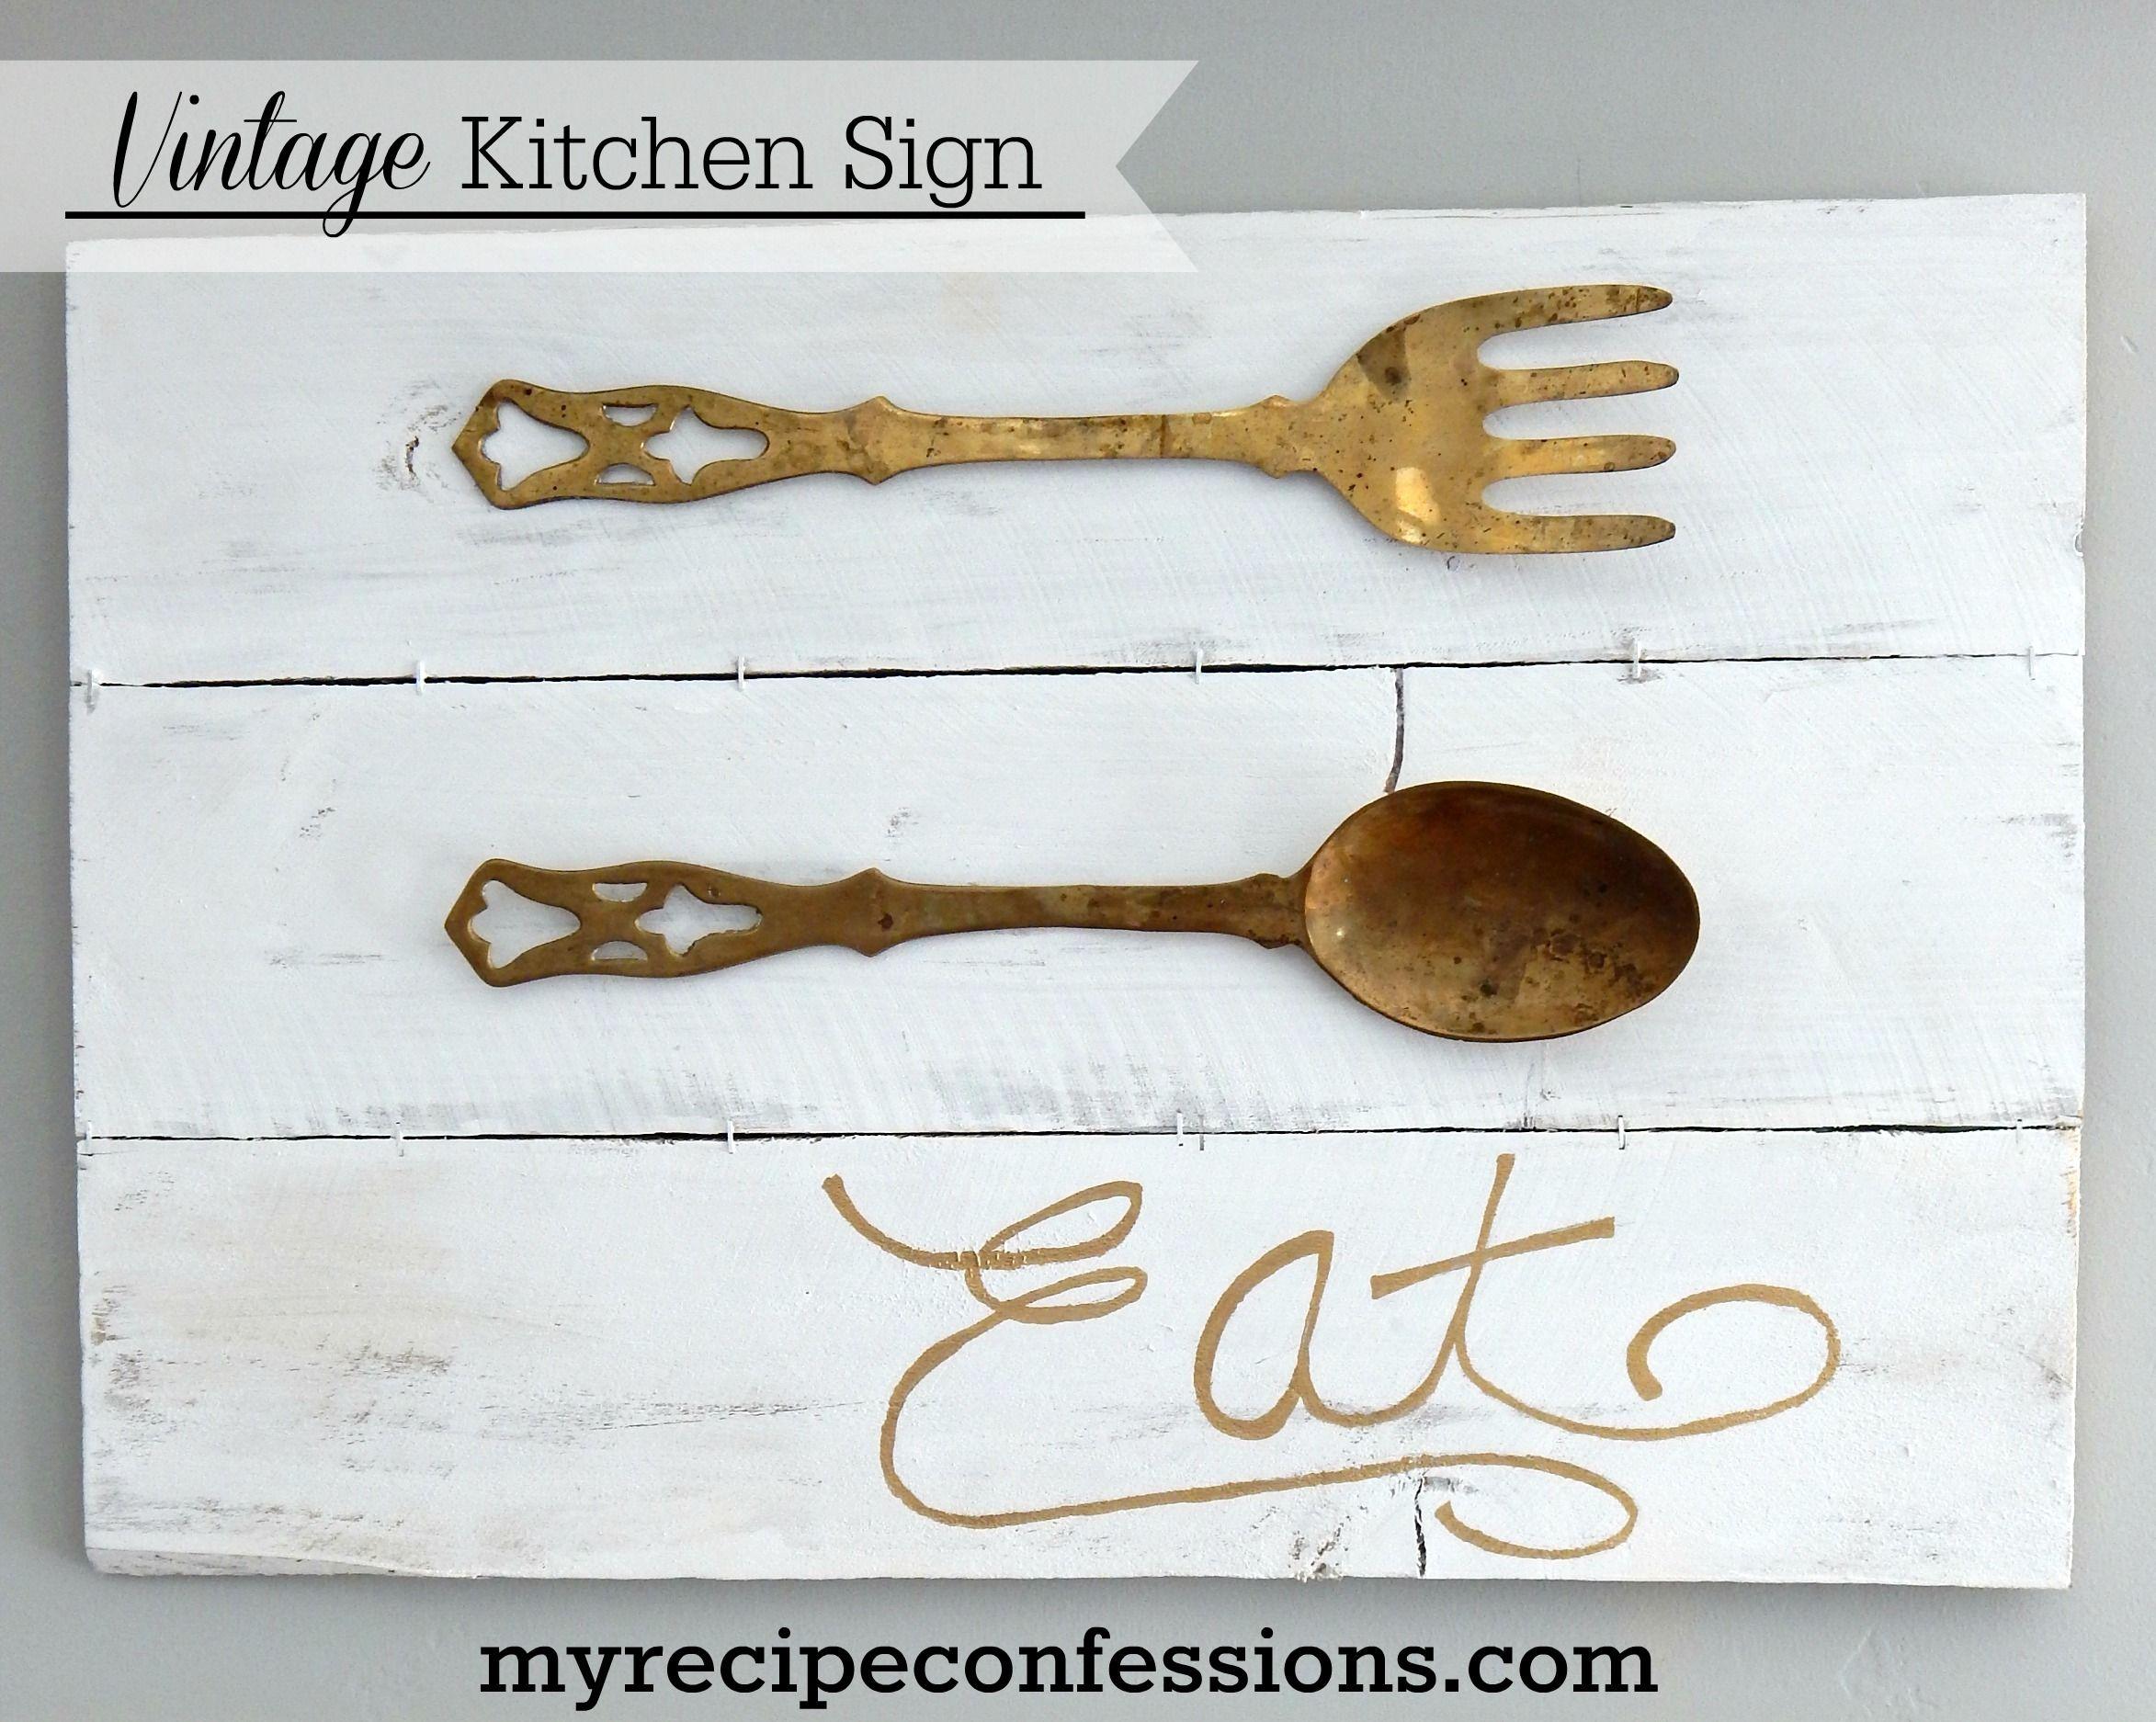 Vintage Kitchen Utensils Sign   Vintage, Vintage kitchen signs and ...